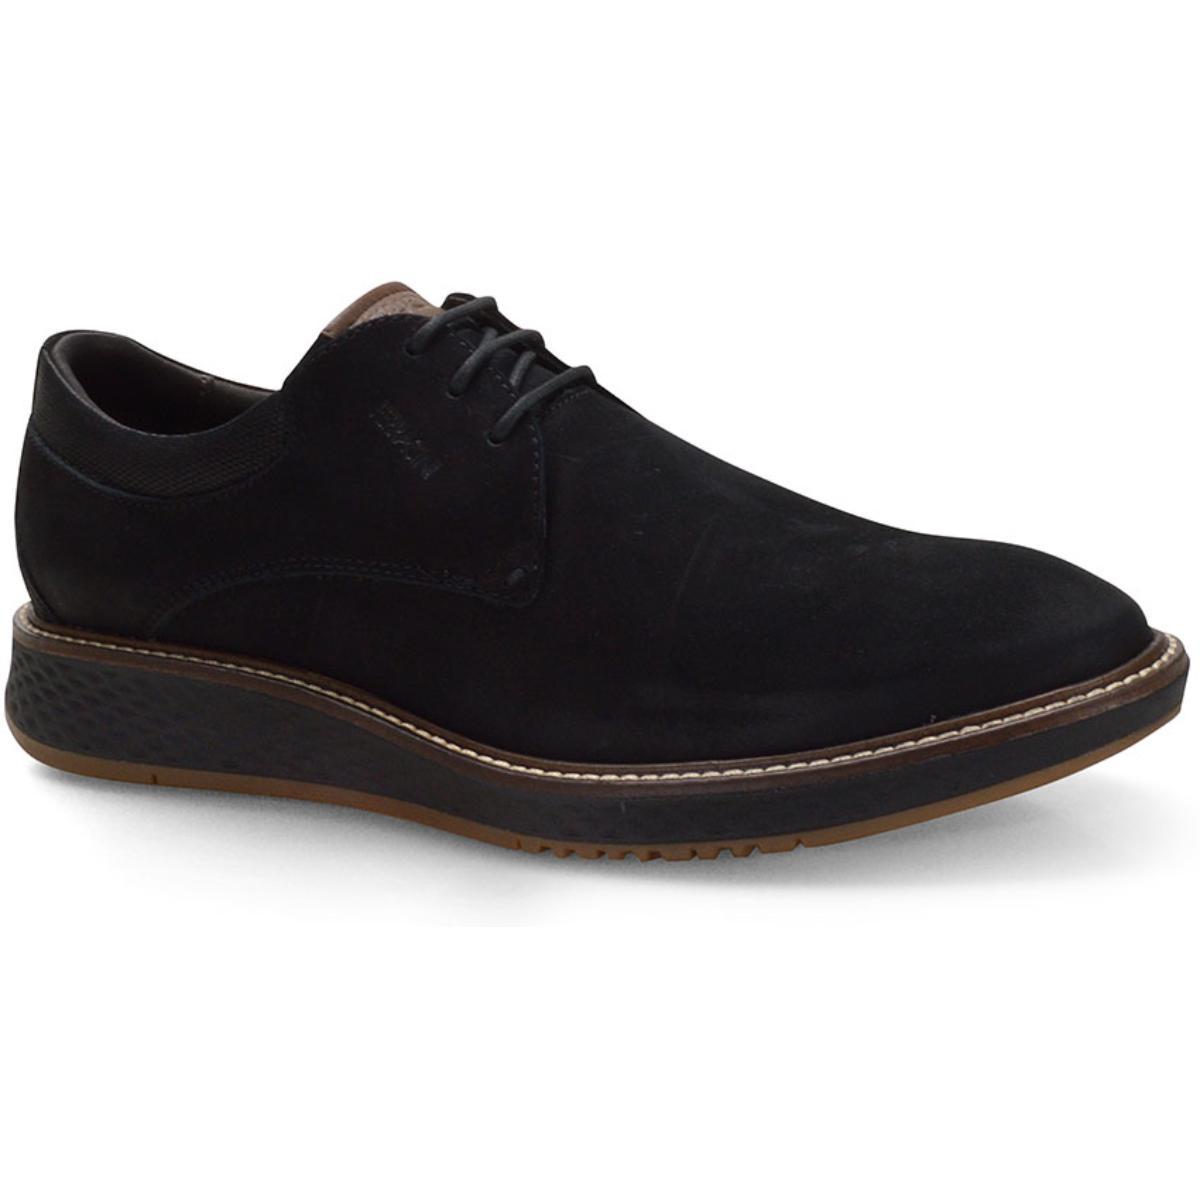 Sapato Masculino Ferracini 3301-586g Preto